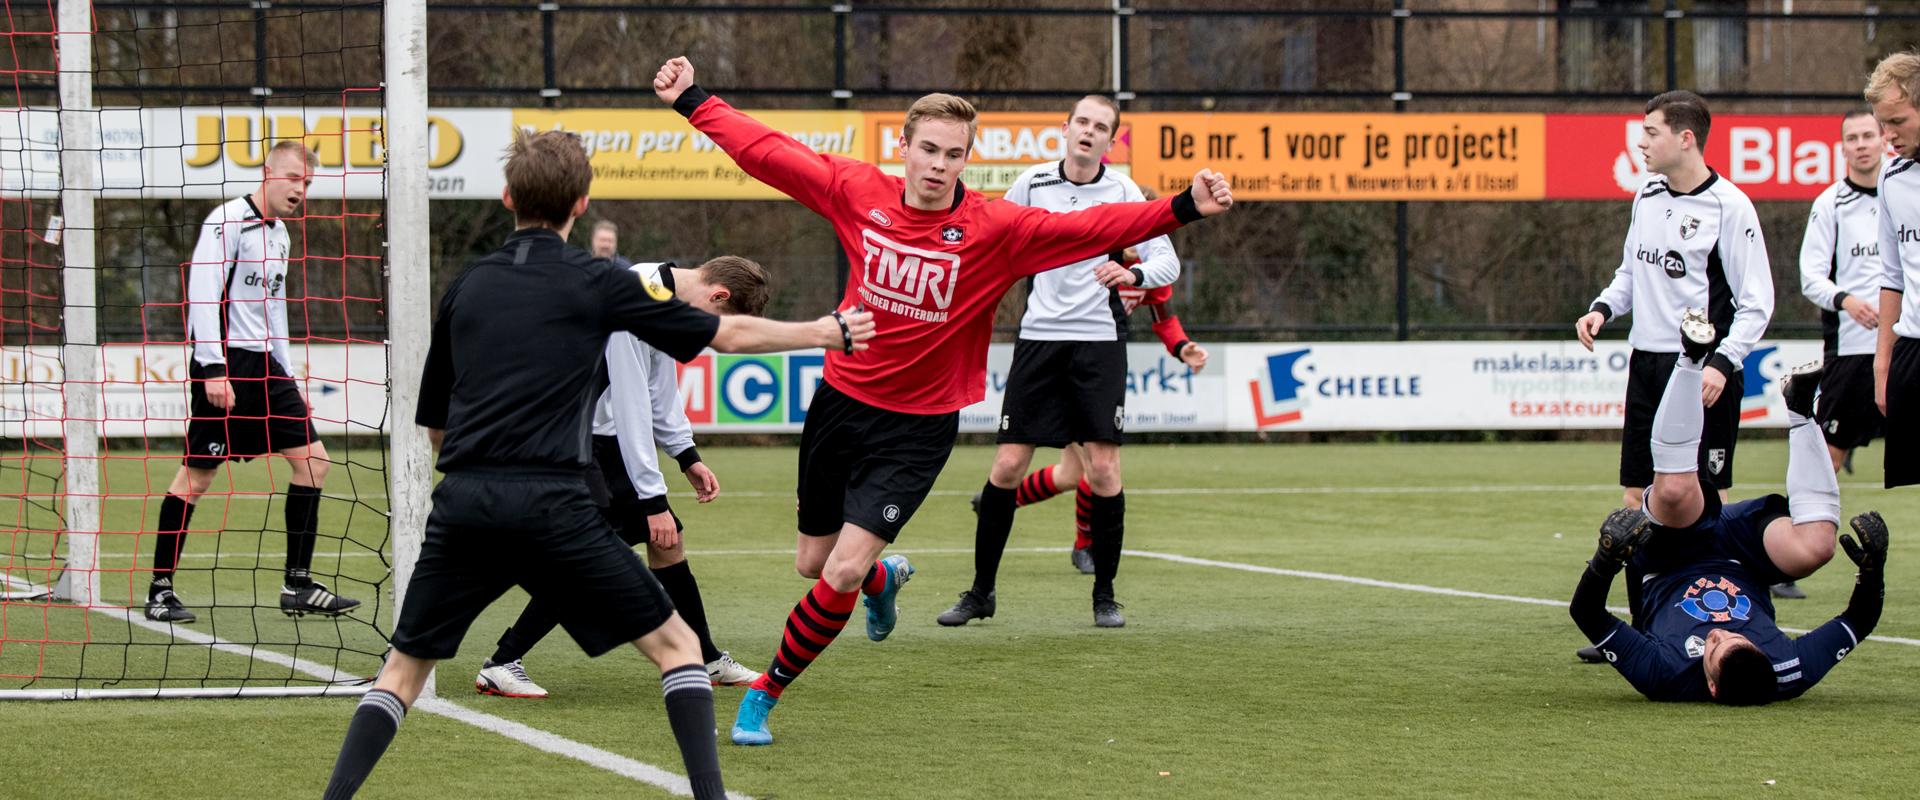 Permalink to: 08-02-2020: Nieuwerkerk 2 – Lekkerkerk 2 (3-2) door Corinne Verkuil